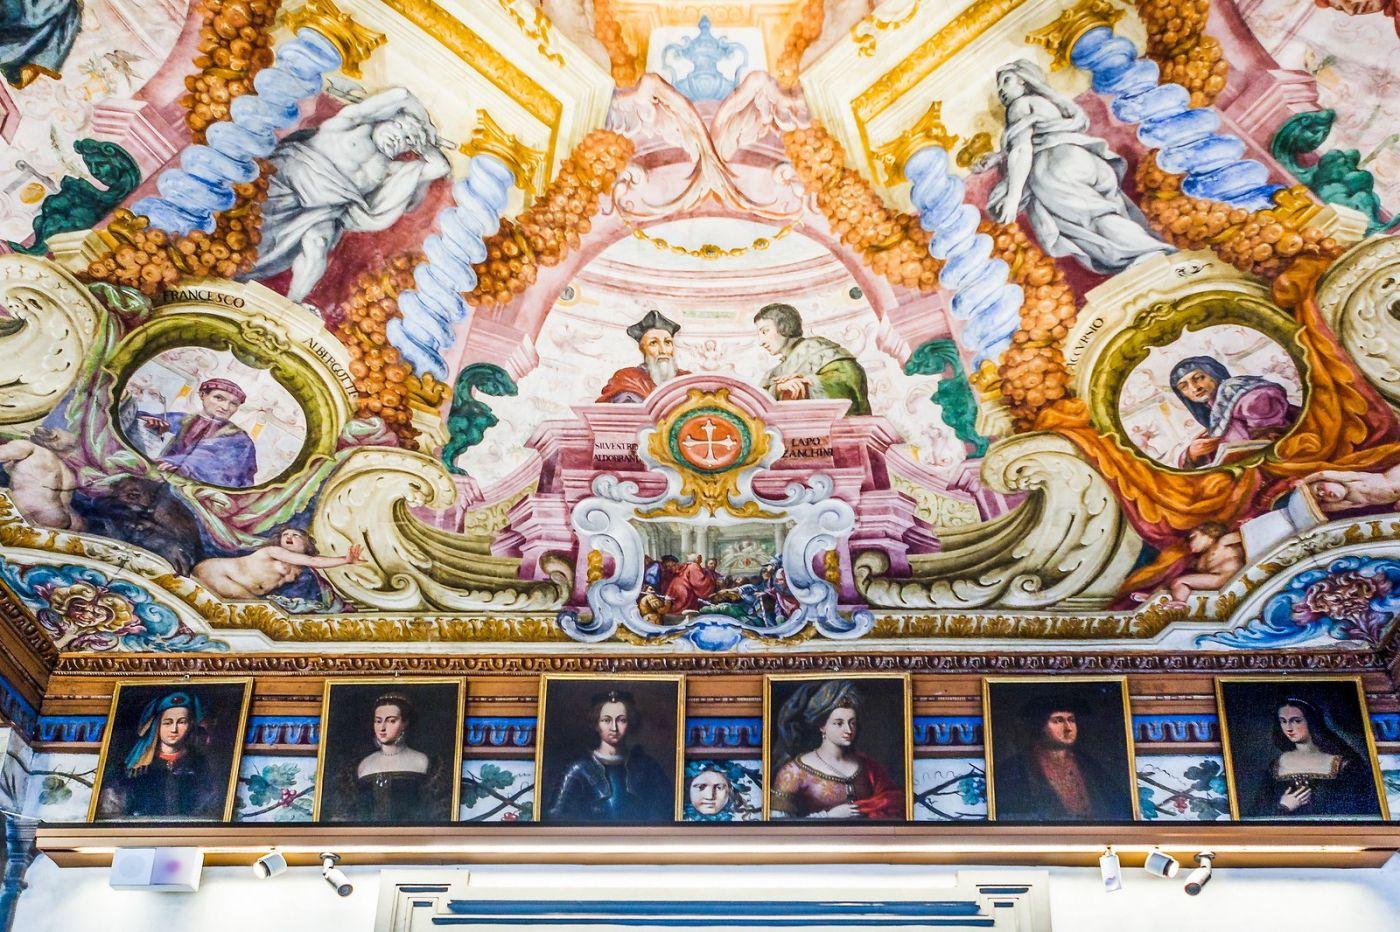 意大利佛罗伦斯乌菲兹美术馆, 藏品大展_图1-27